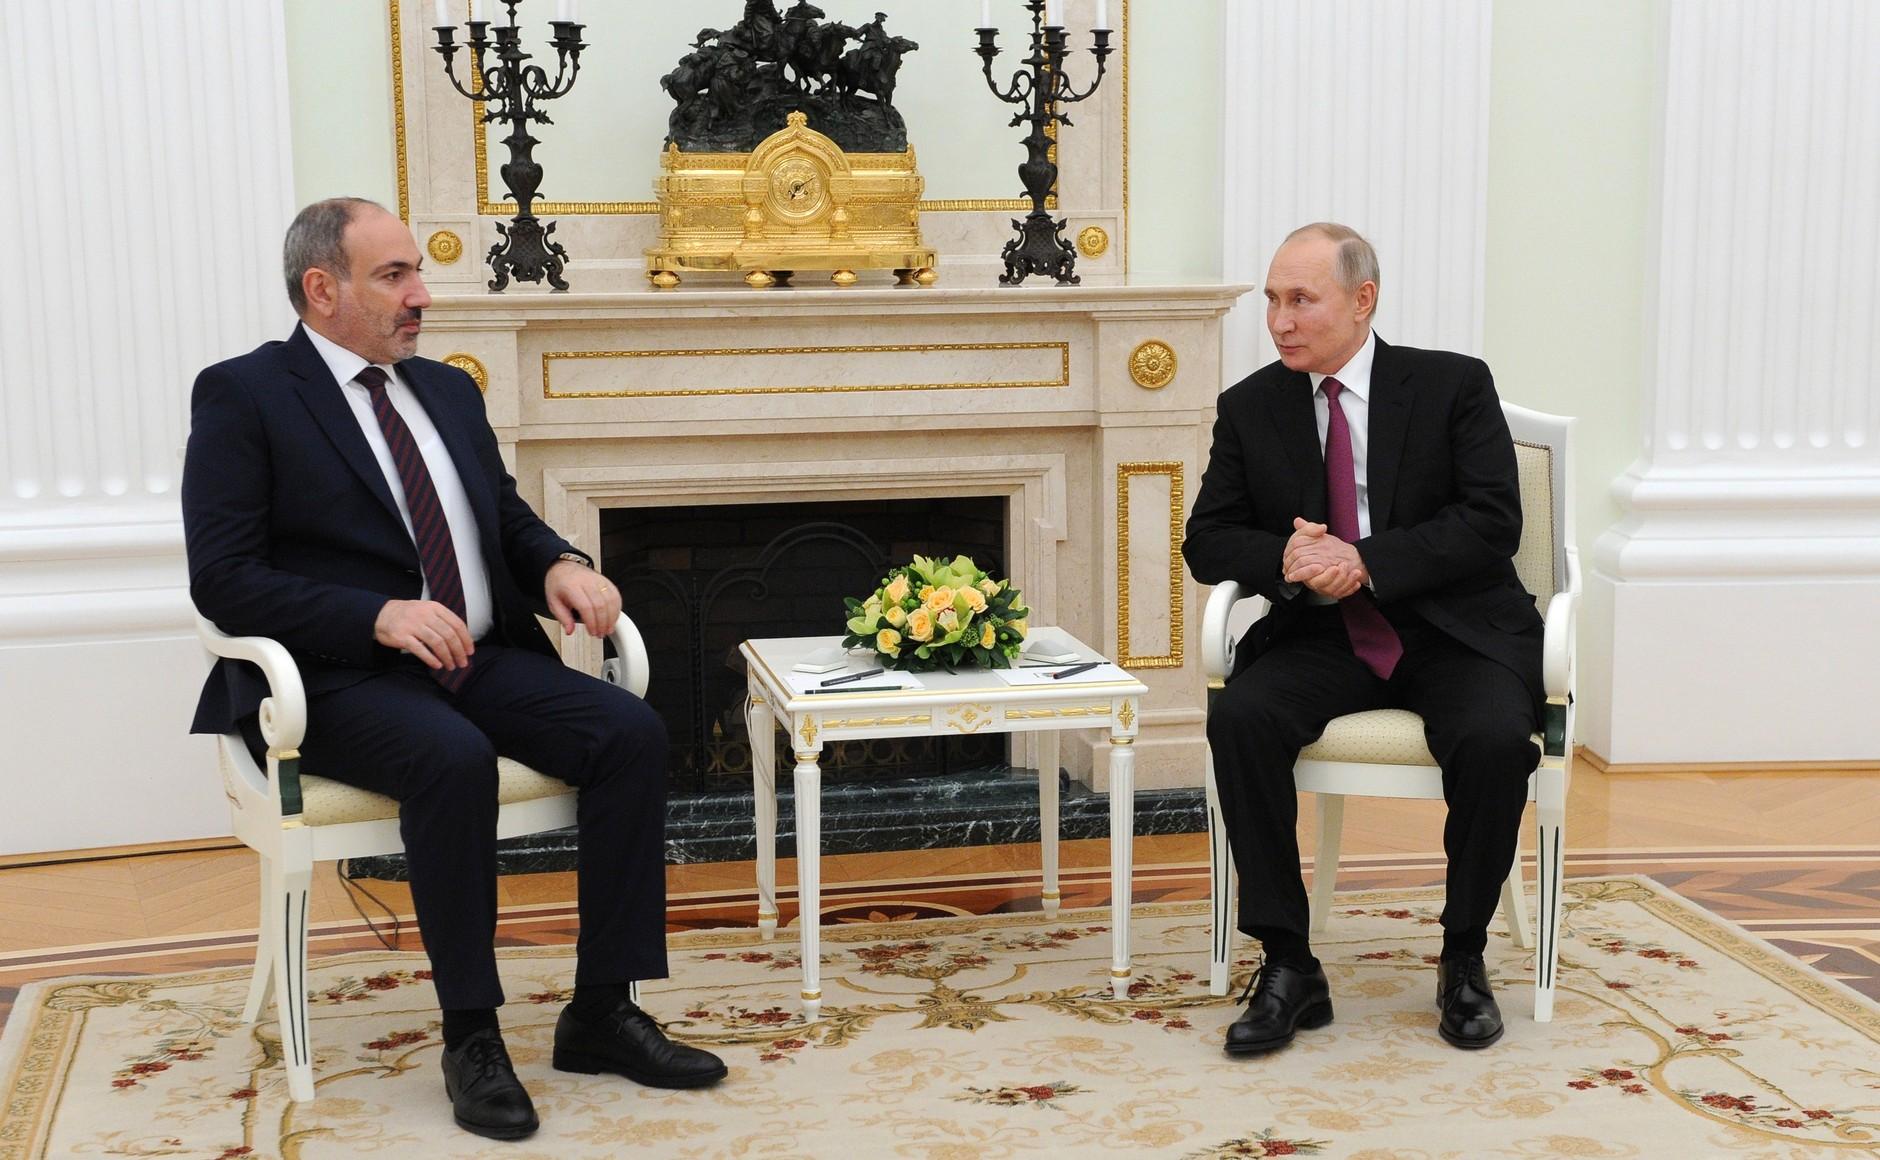 KREMLIN ARMENIE 2 DE 2 Rencontre avec le Premier ministre arménien Nikol Pashinyan - 11 janvier 2021 - 19H30